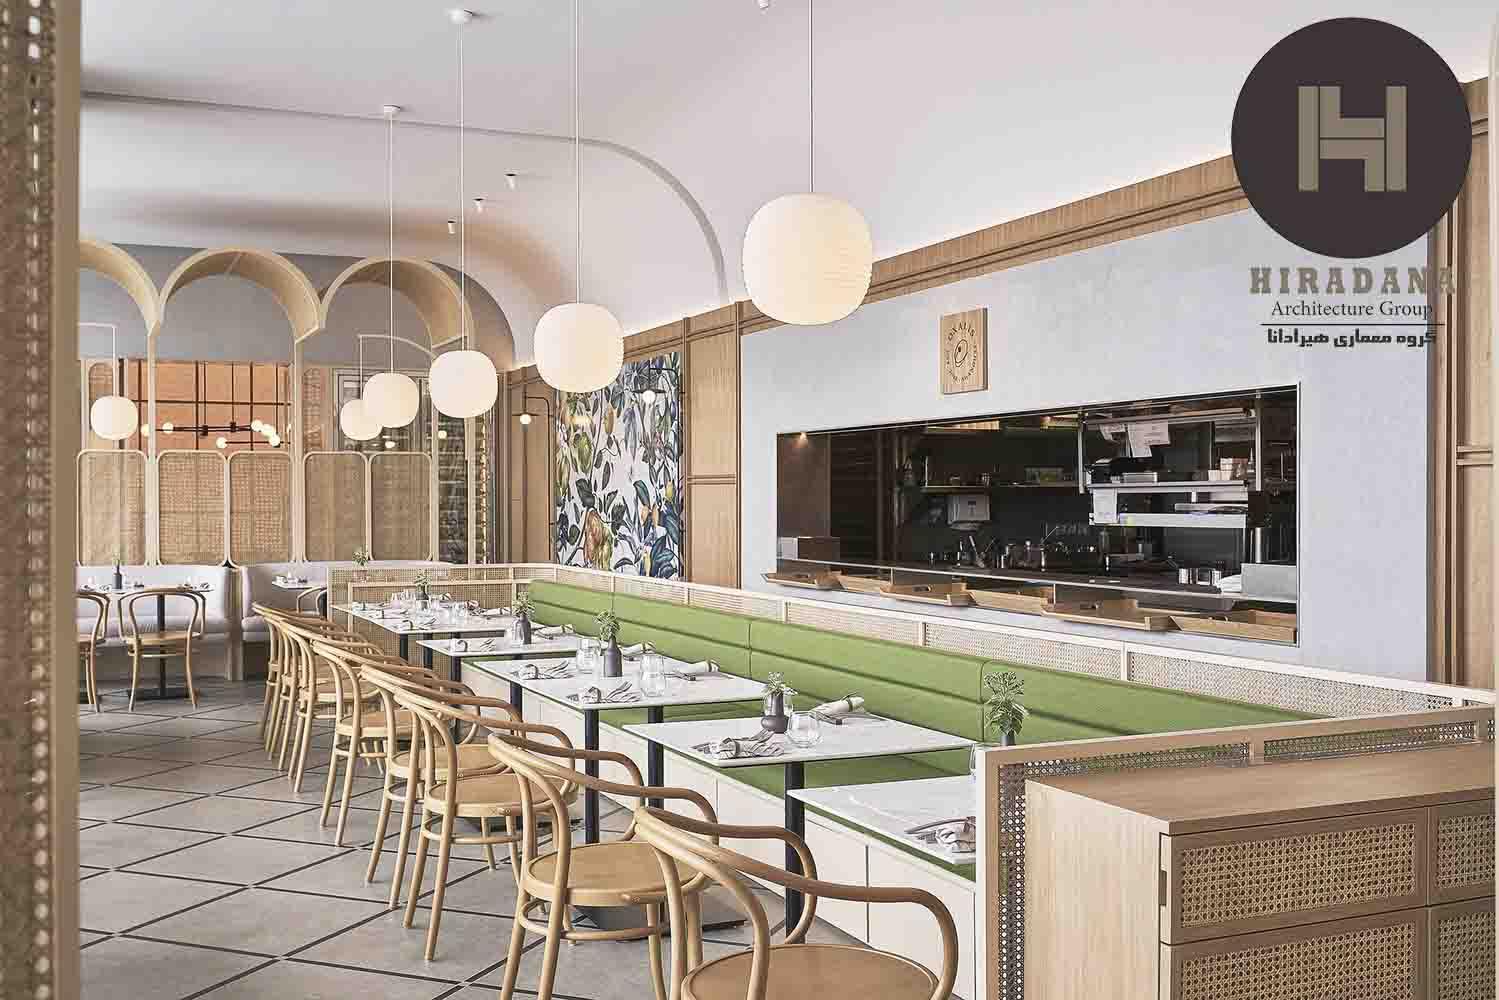 طراحی دکوراسیون داخلی رستوران سبز